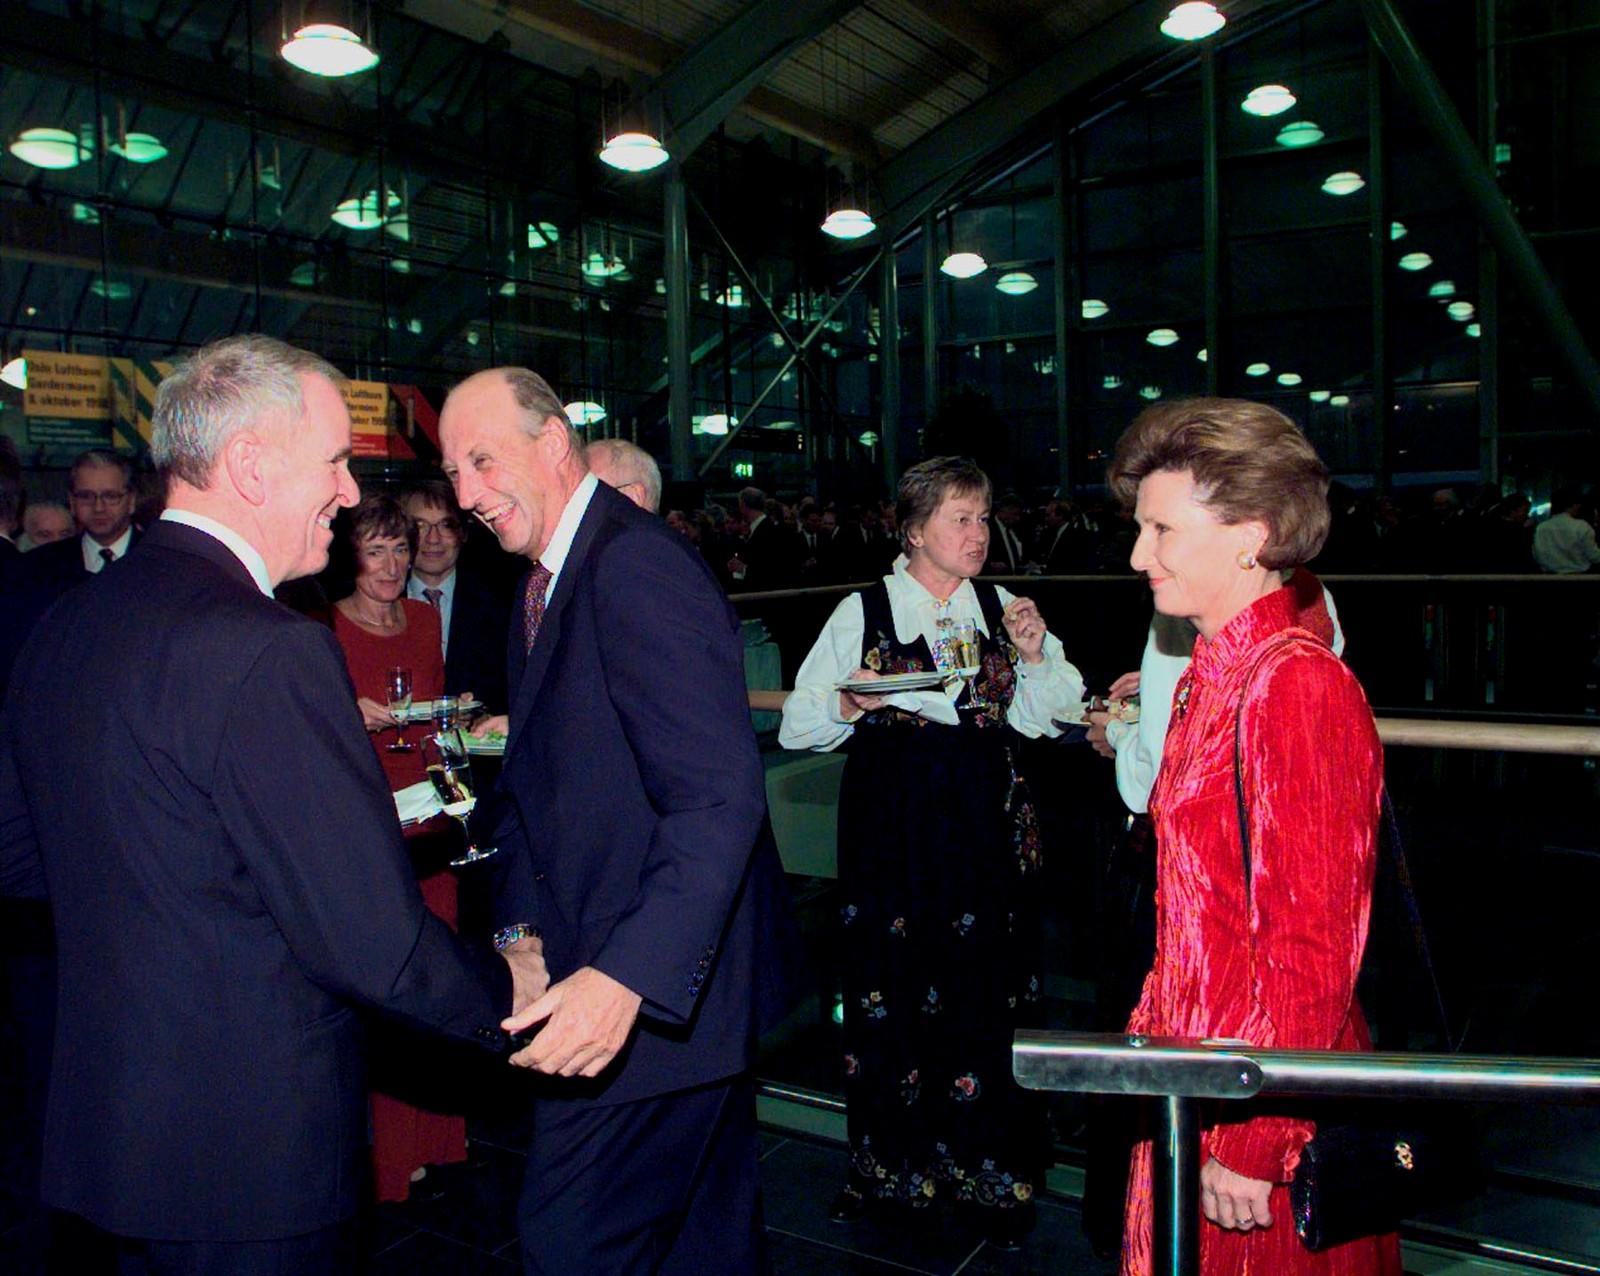 Kongen opna Gardermoen i 1998, berre seks år etter Stortinget vedtok plasseringa for den nye hovudflyplassen.